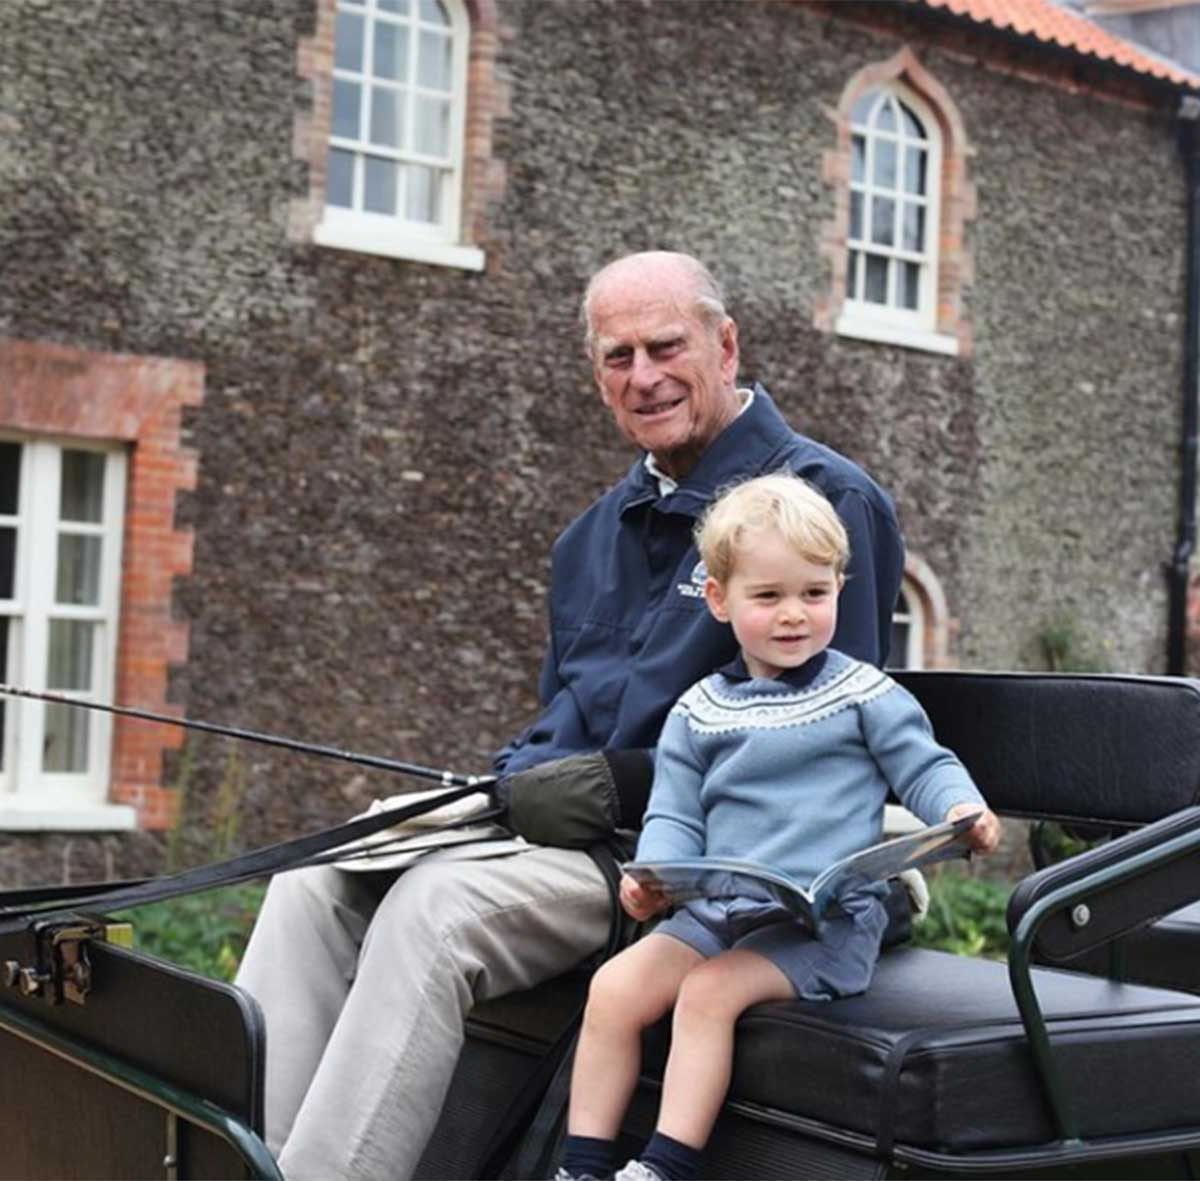 """La burla del príncipe William a su hermano: """"Kate y yo seguiremos haciendo lo que a él le hubiera gustado y apoyaremos a la reina"""". 1"""